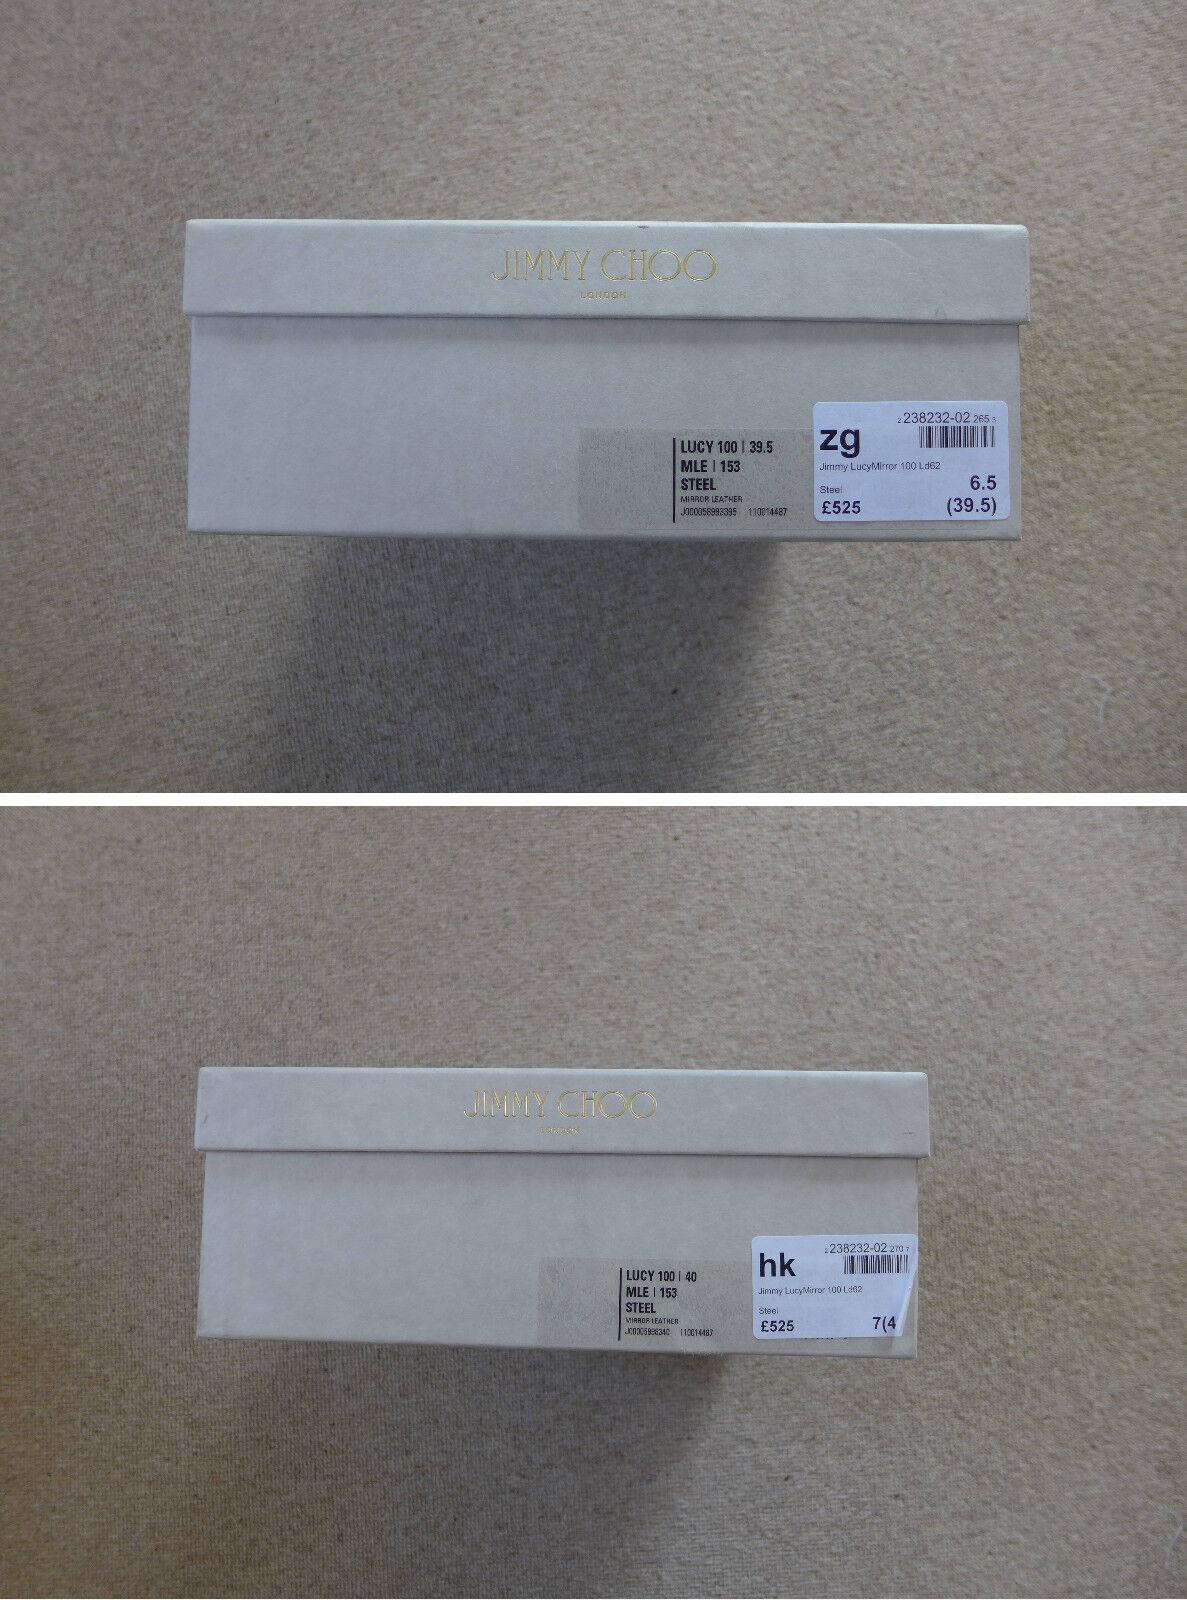 Jimmy Choo Lucy 100 Steel Pumps Heels, new Größes EU39.5/UK6.5 & EU40/UK7 - Brand new Heels, d7cce2